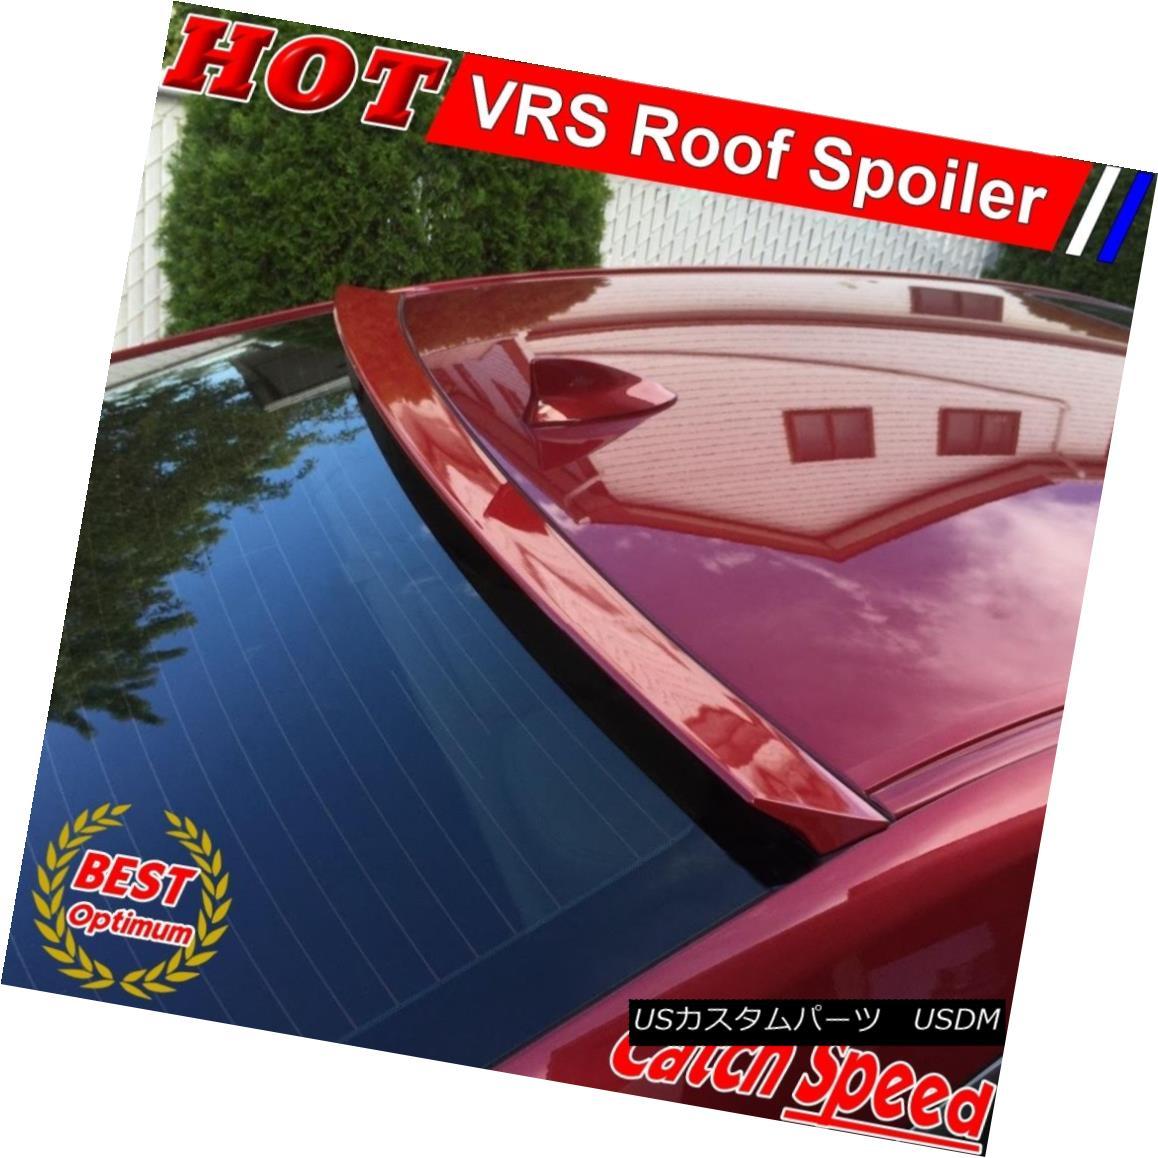 エアロパーツ Flat Black VRS Type Rear Roof Spoiler Wing For NISSAN TIIDA Versa 2004-10 Sedan 日産TIIDA Versa 2004-10セダン用フラットブラックVSタイプリアルーフスポイラーウイング